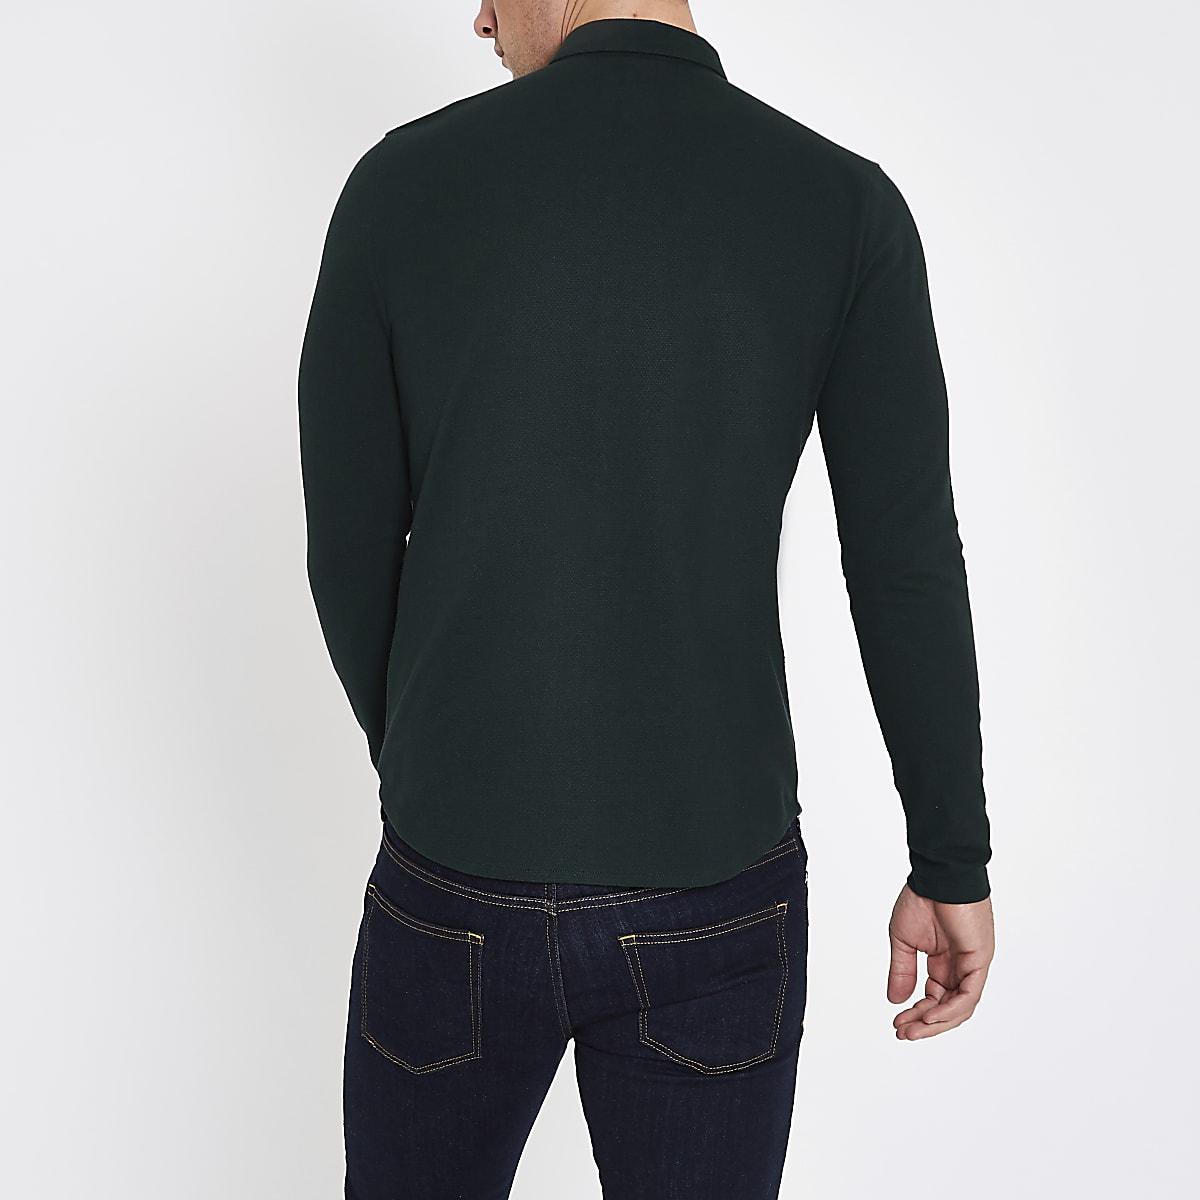 026a3aa6 Dark green muscle fit long sleeve shirt - Long Sleeve Shirts - Shirts - men